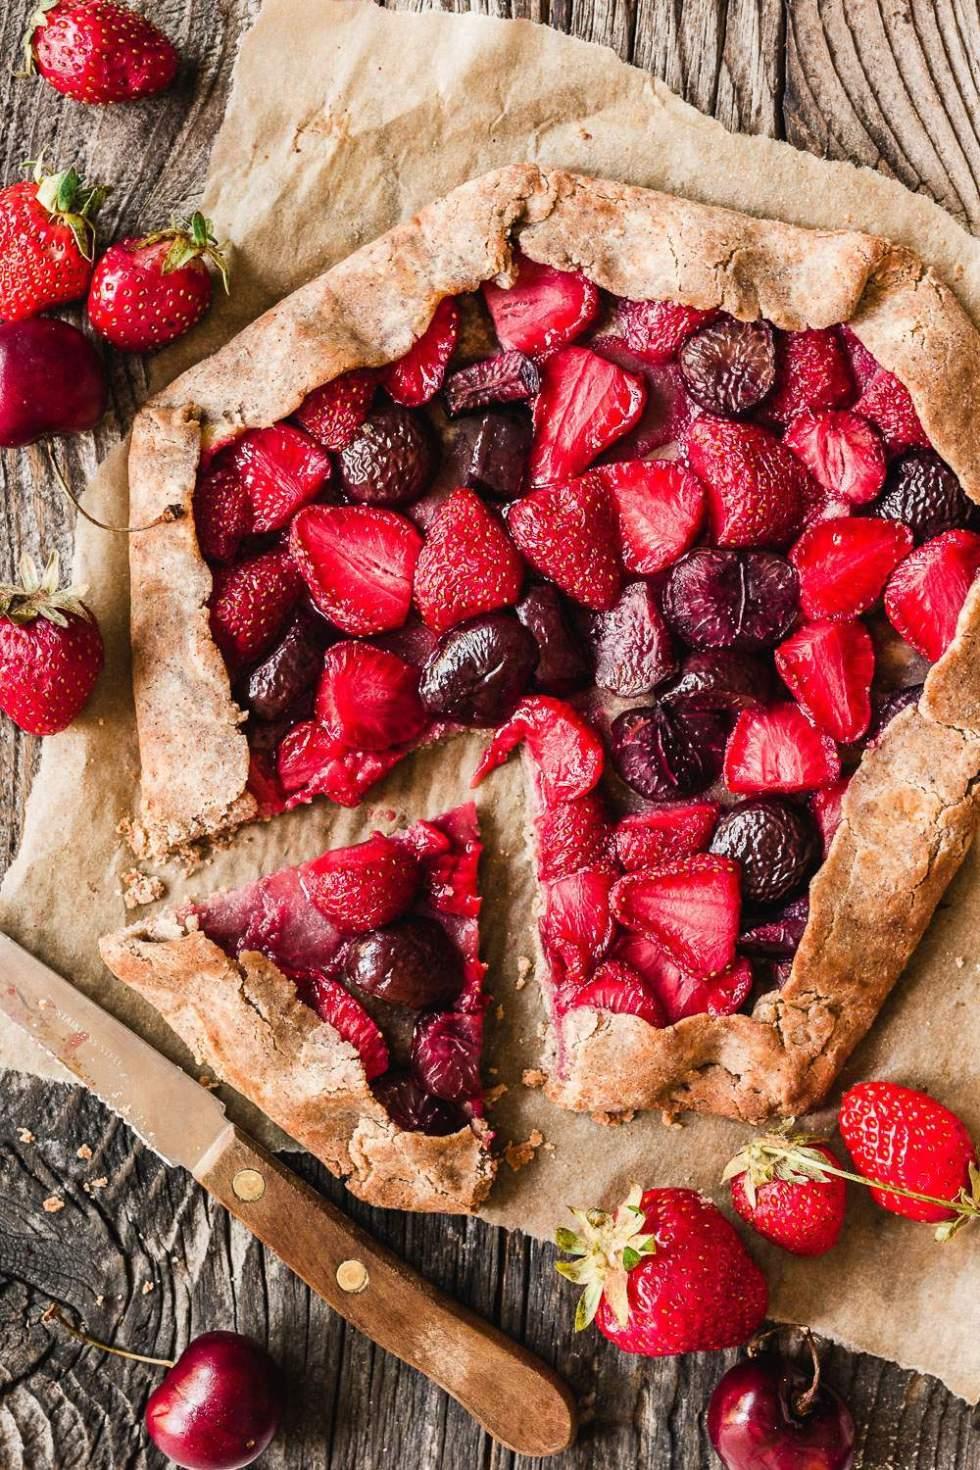 Gluten-free vegan banana sweetened berry galette